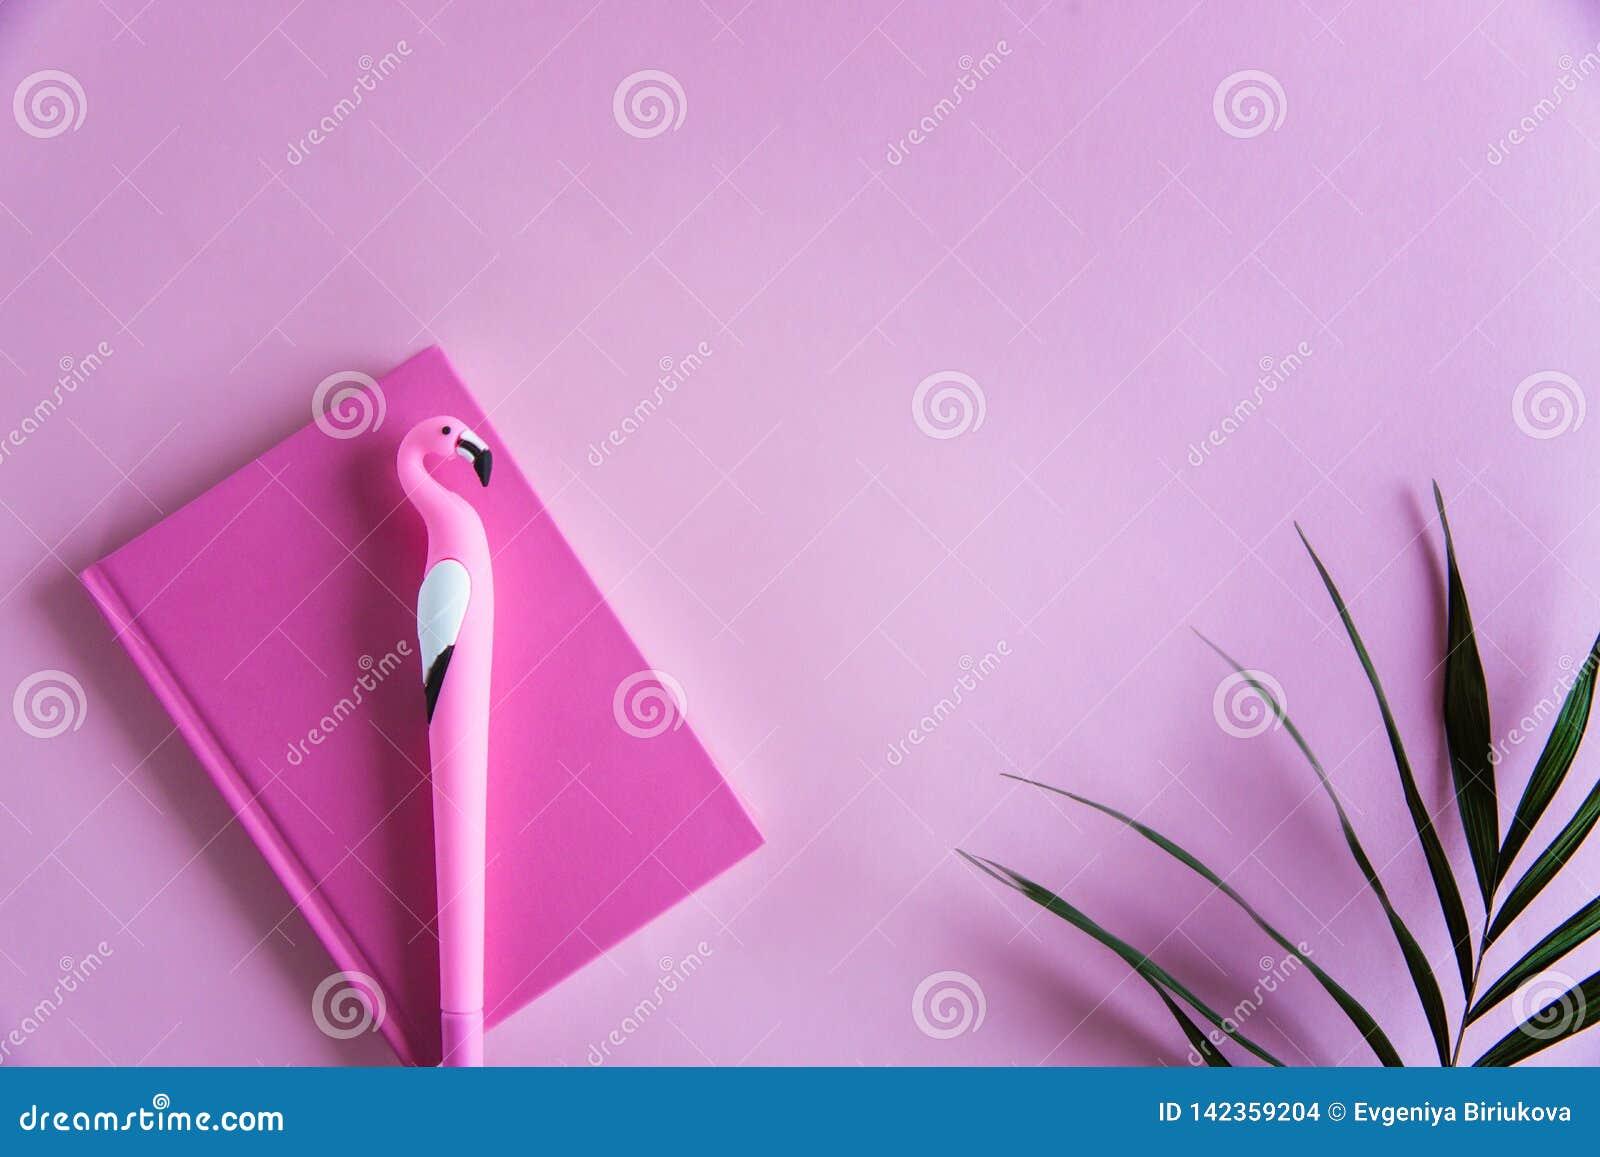 Carnet rose pour les notes, le stylo drôle de flamant et les palmettes vertes sur le fond en pastel rose Configuration plate Vue